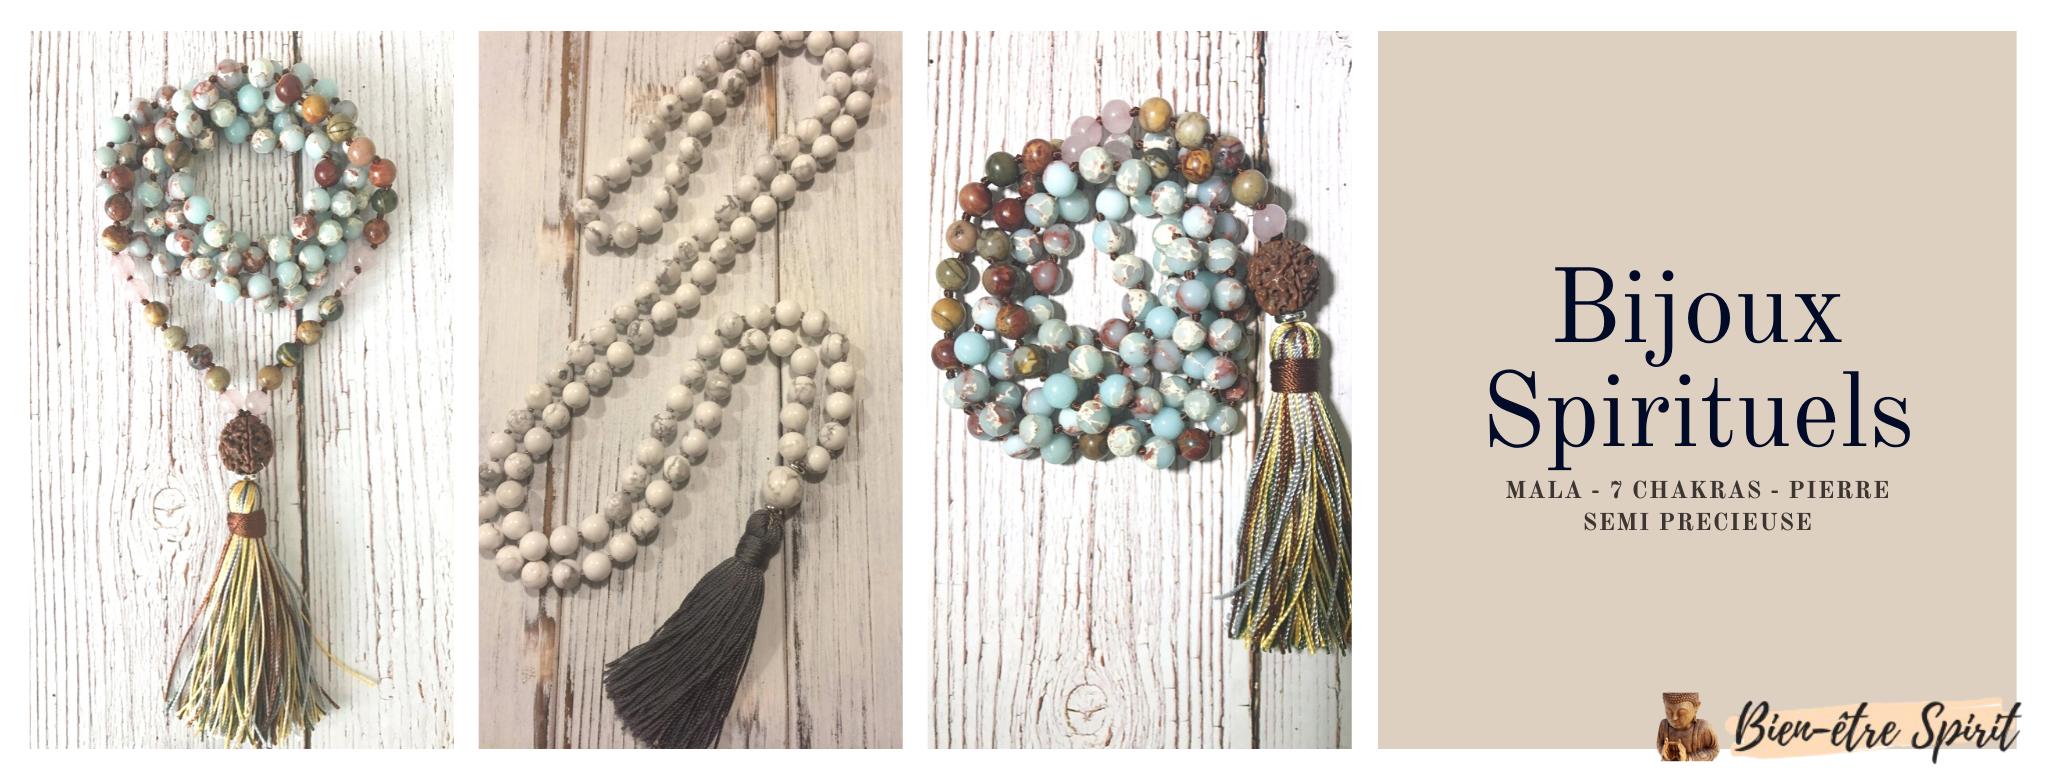 Boutique de bijou spirituel